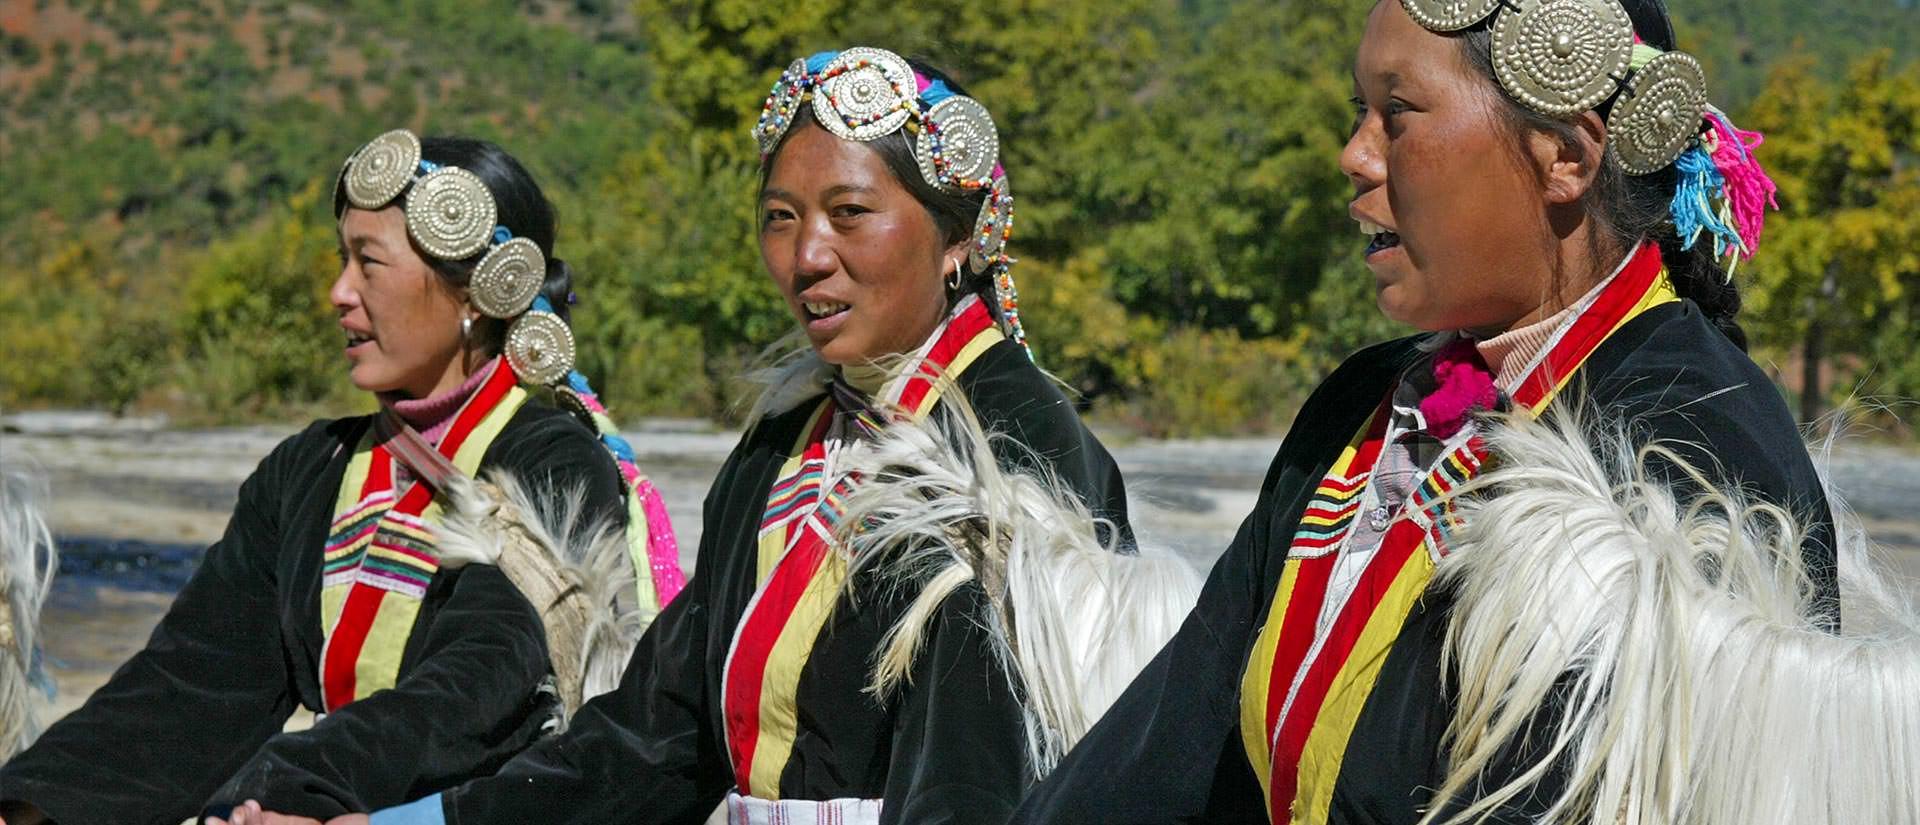 טיול לסין - 15 יום - סין הקלאסית כולל ההר הצהוב